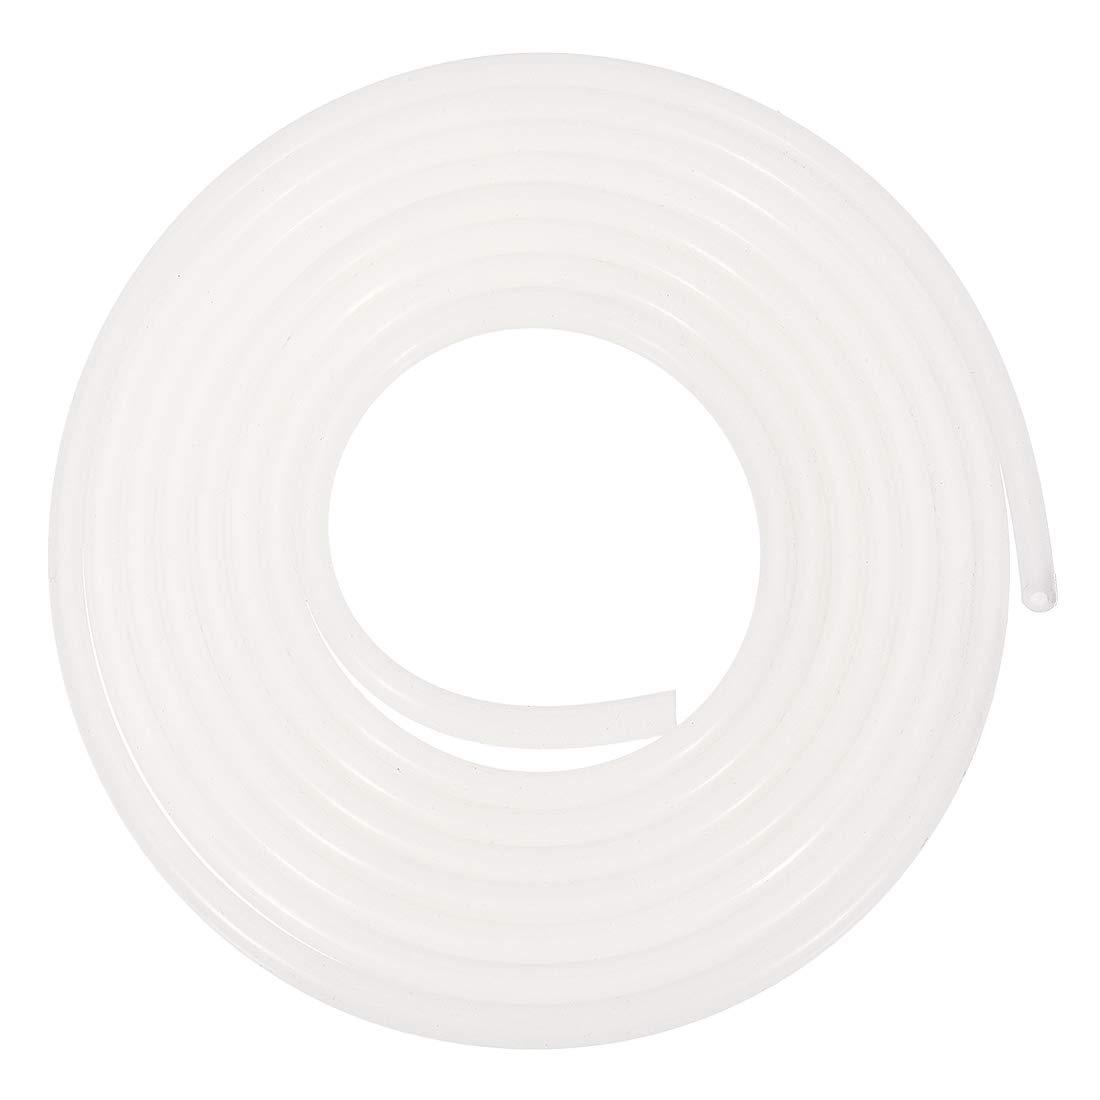 uxcell Silicone Tubing 1//8 Inch ID X 1//4 Inch OD X 9.8 Feet High Temp Hose Tube